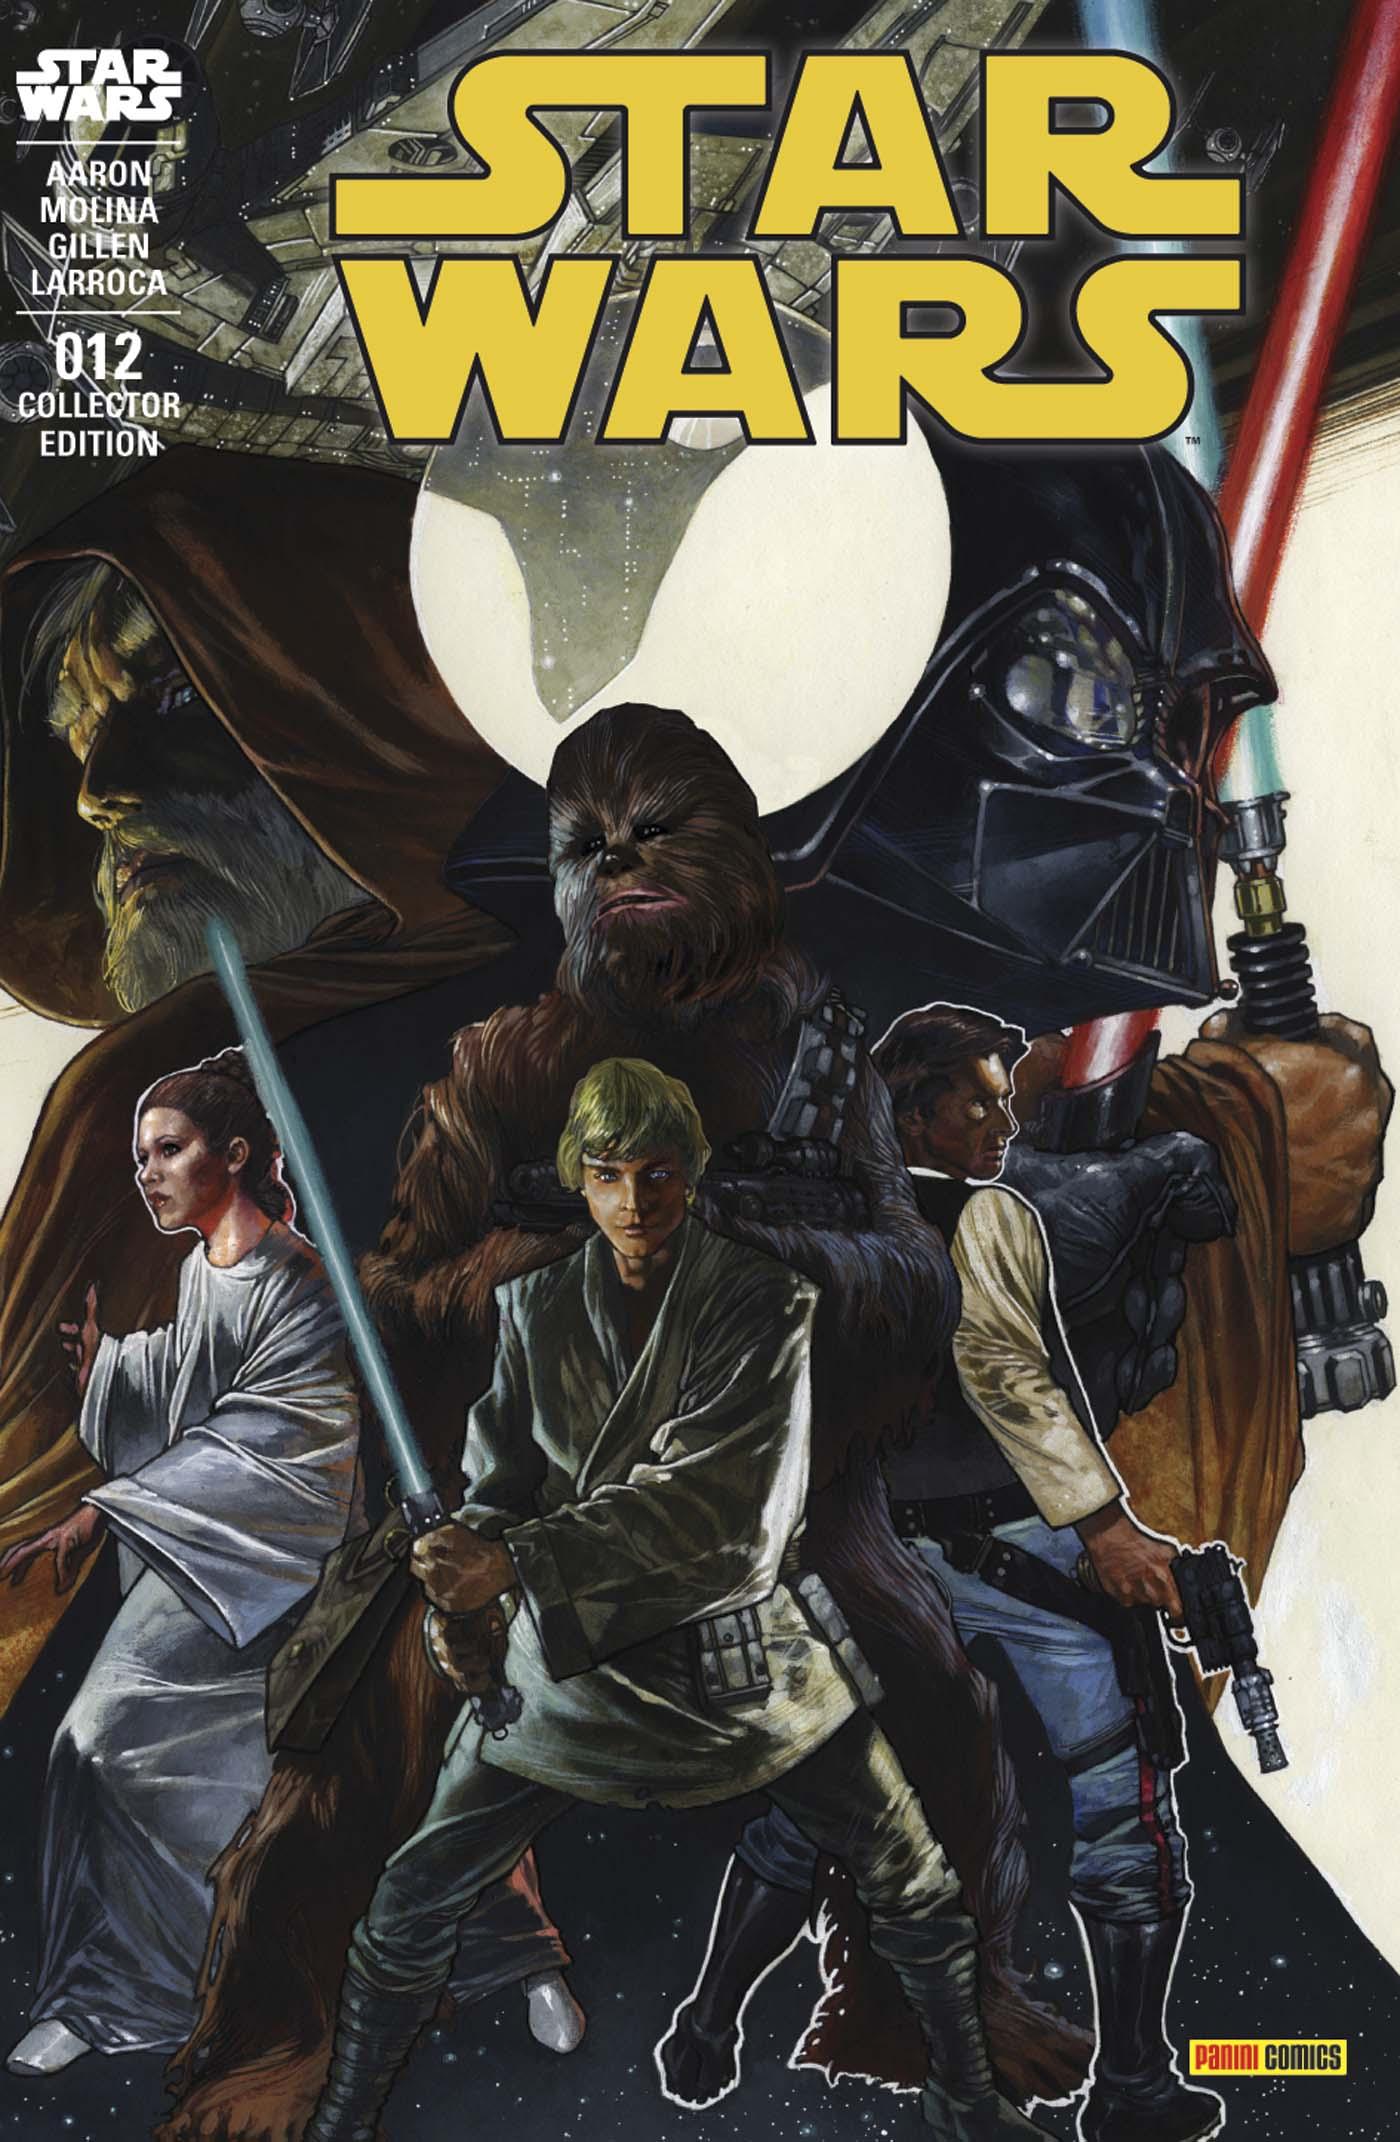 Star Wars 12 - Édition collector de Simone Bianchi - Tirage limité à 1200 exemplaires